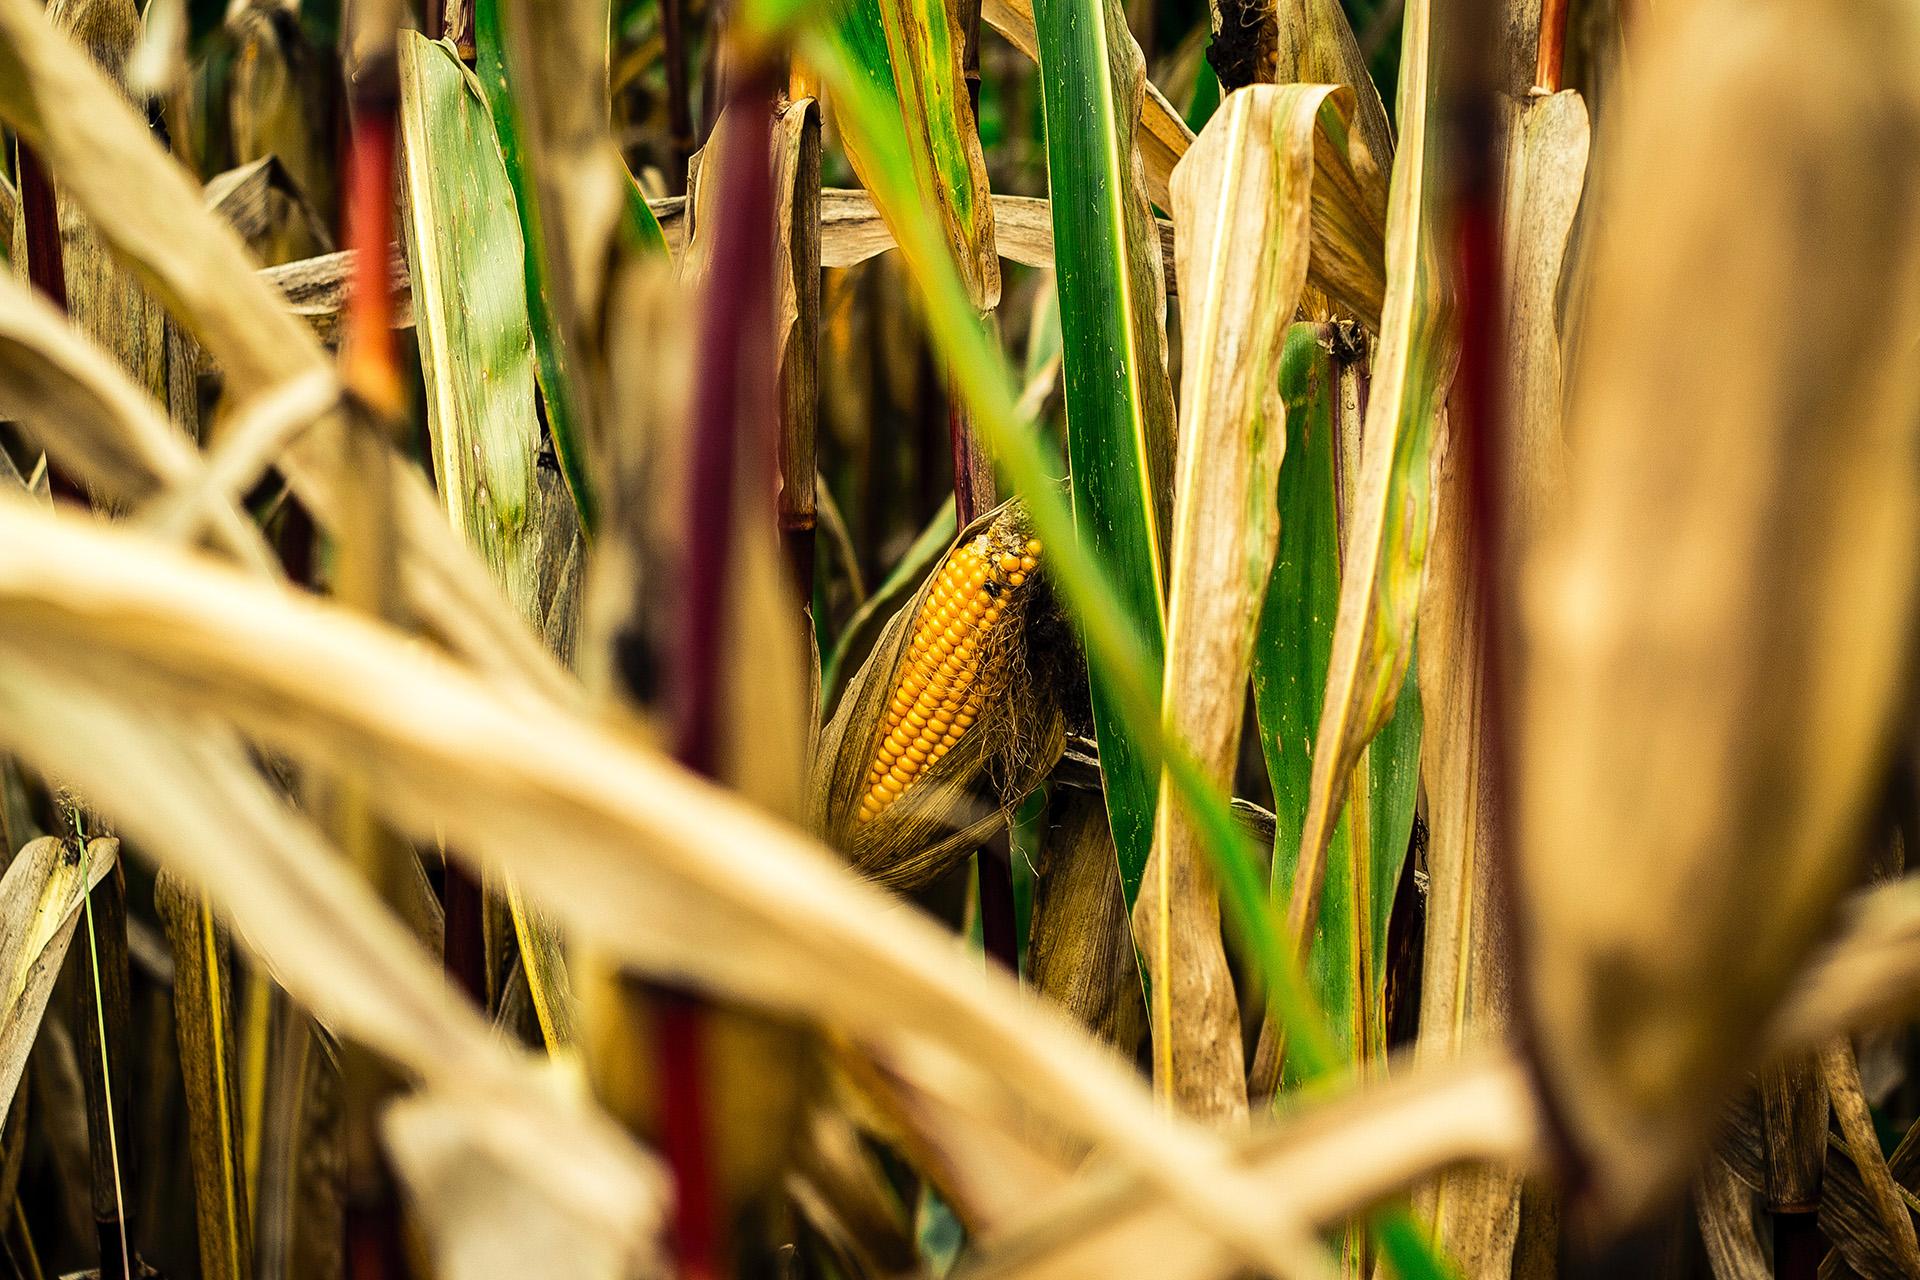 produção de etanol de milho se destaca na entressafra da cana de açúcar